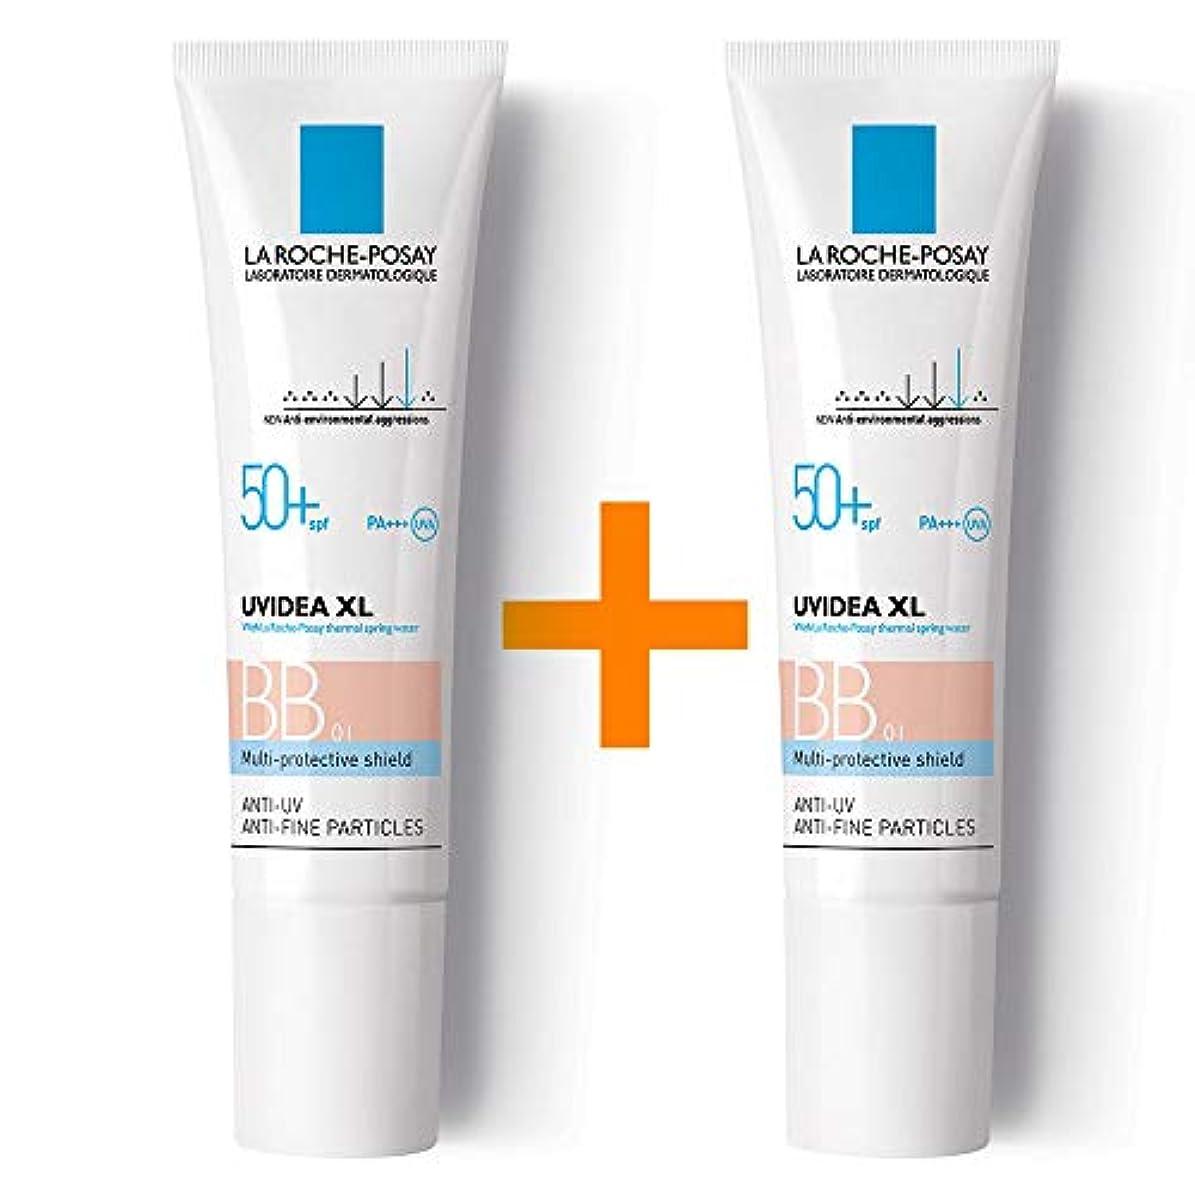 観察詳細に私たちのもの[ 1 + 1 ] La Roche-Posay ラロッシュポゼ UVイデア XL プロテクションBB(01ライト) Uvidea XL BB Cream - #01 (30ml) SPF50+ PA++++ フランス日焼け止め